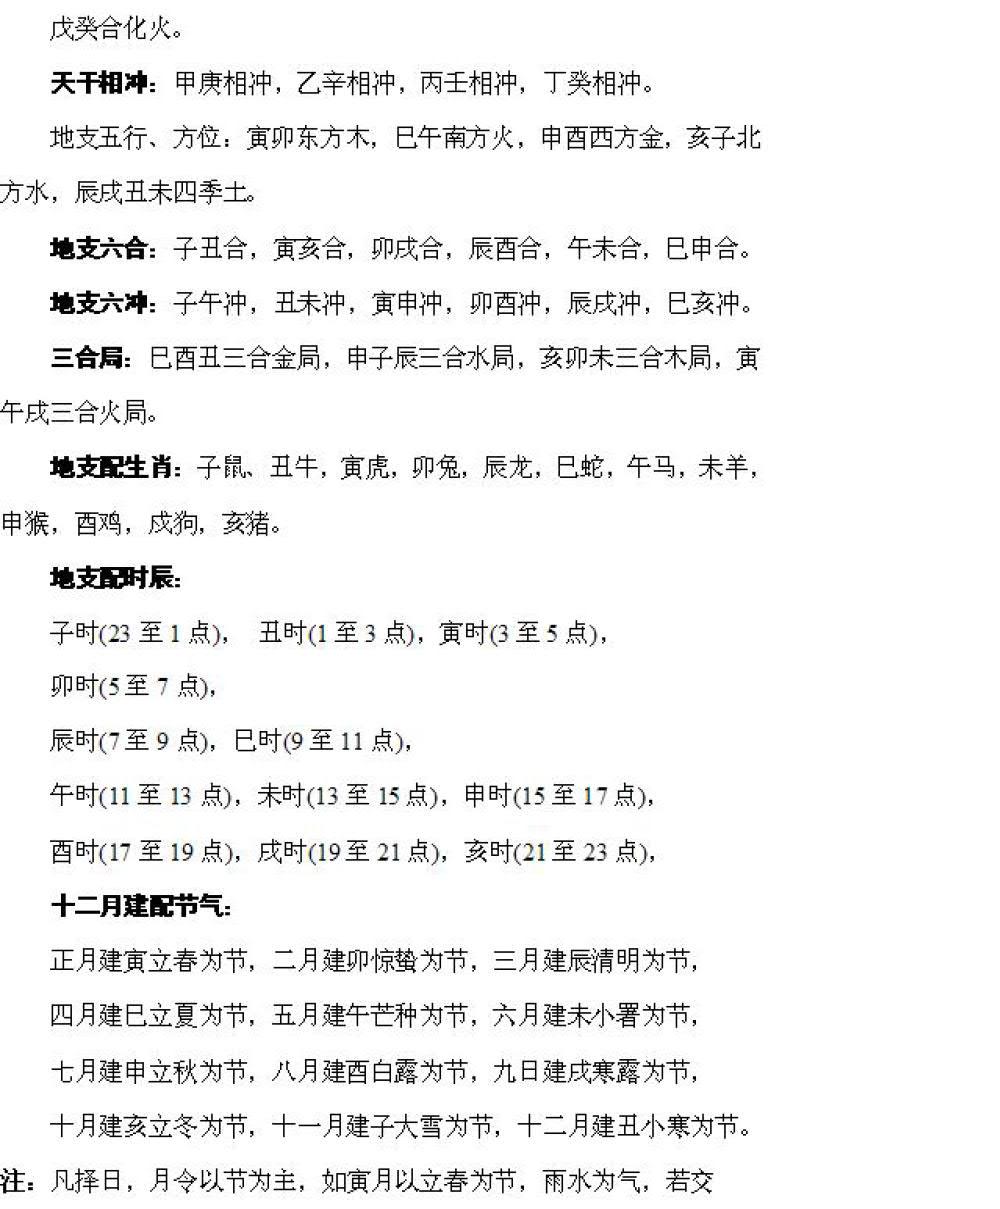 真传吊星择日秘法(新完整版)_2